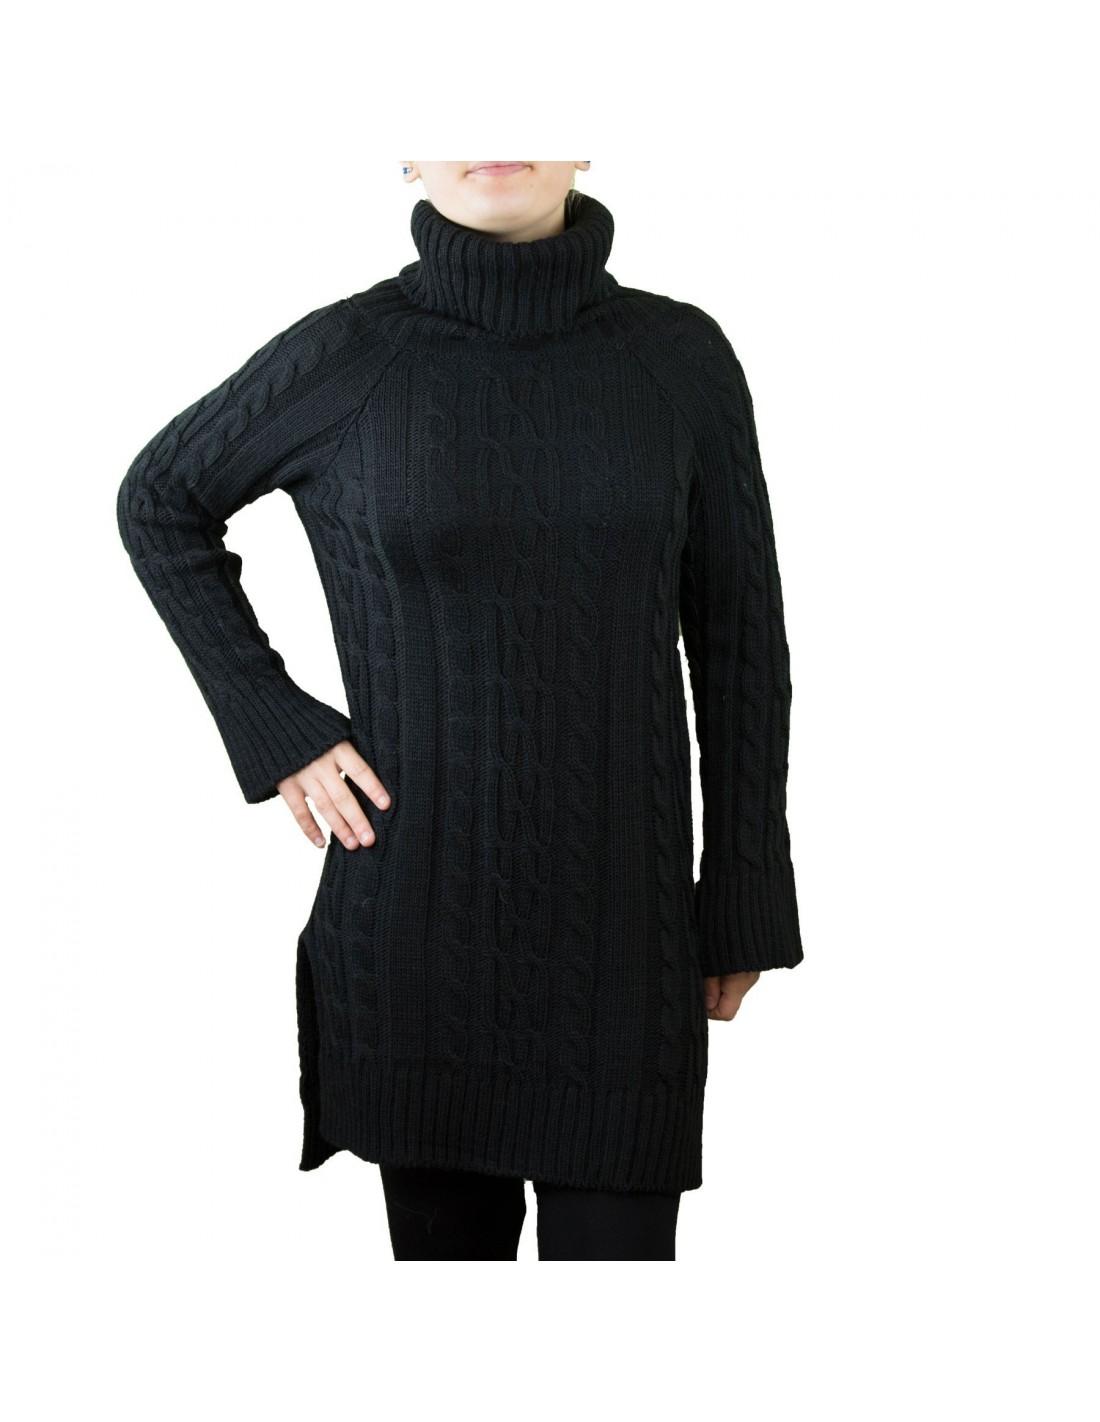 Robe laine noire col roule